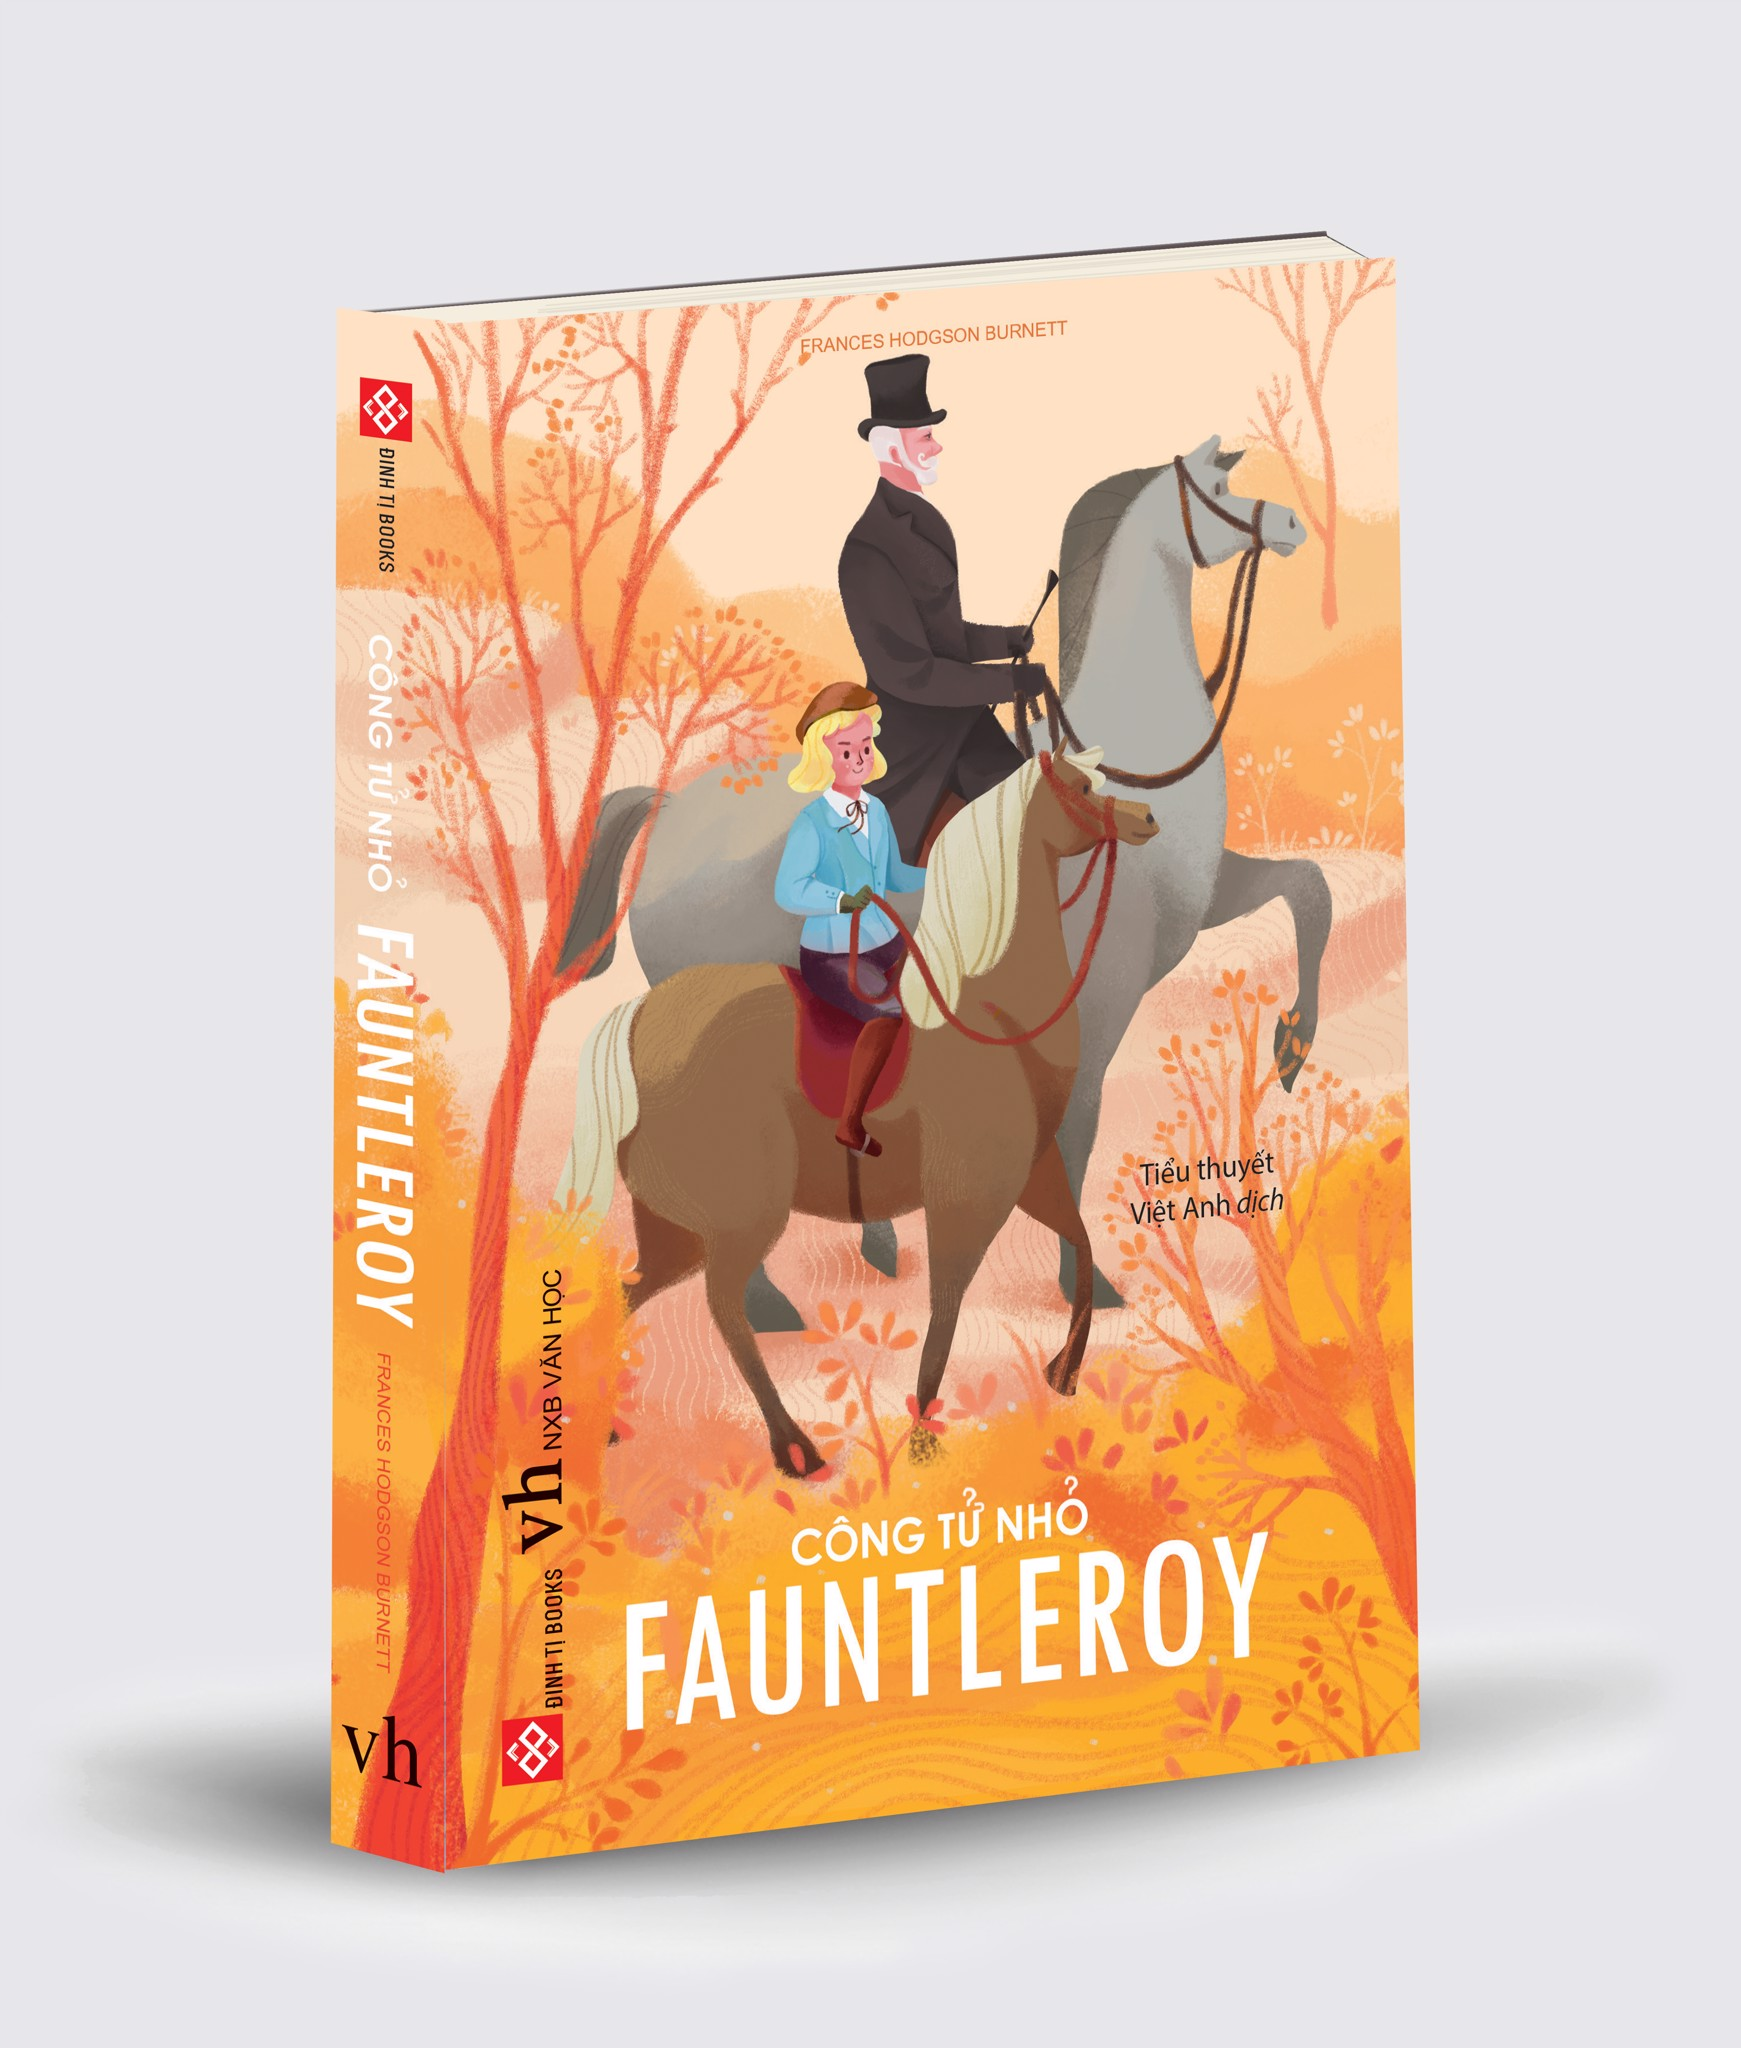 Công tử nhỏ Fauntleroy